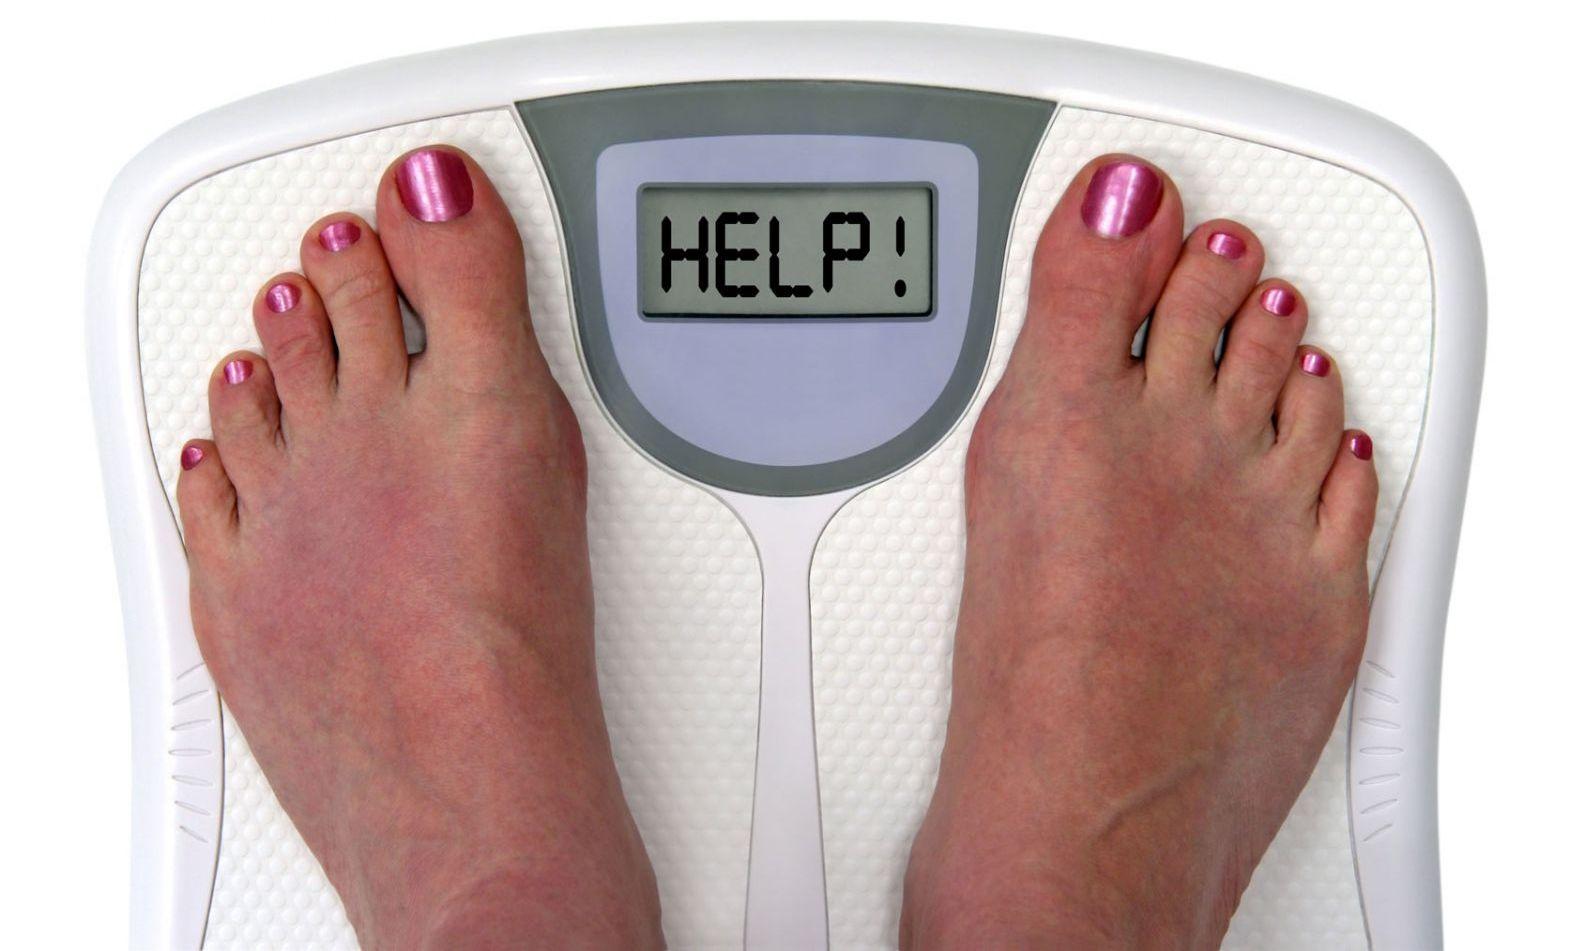 Как похудеть за месяц: 5 советов, которые действительно работают фото